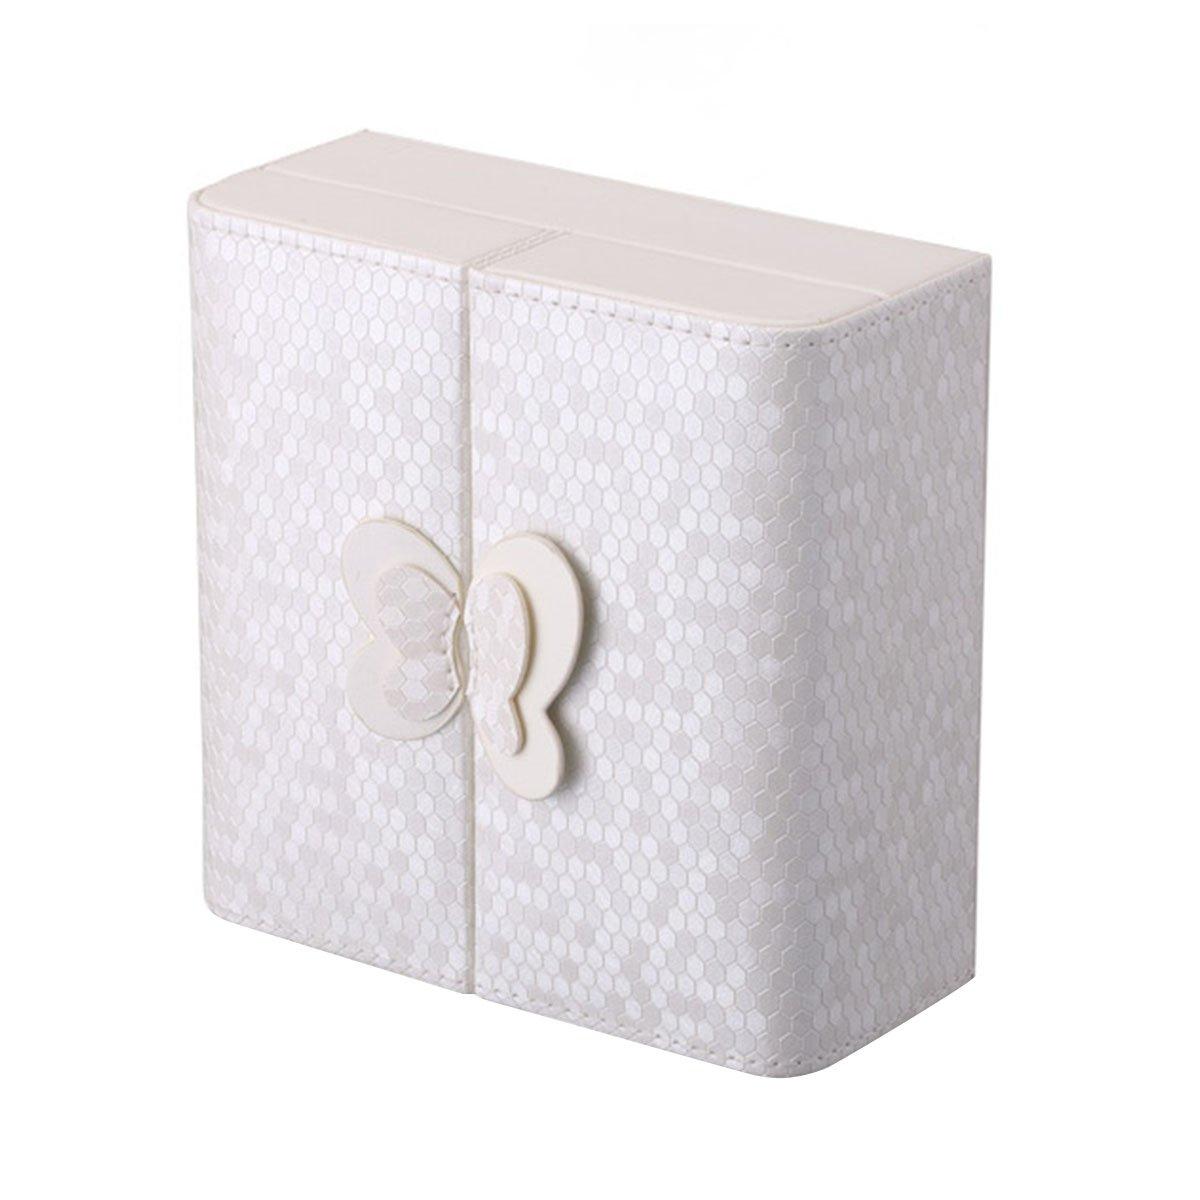 Scatola portagioielli, piccolo contenitore portatile da viaggio in pelle con decorazione a farfalla, organizer portaoggetti per anelli, orecchini, collane collane (bianco) Wuudi